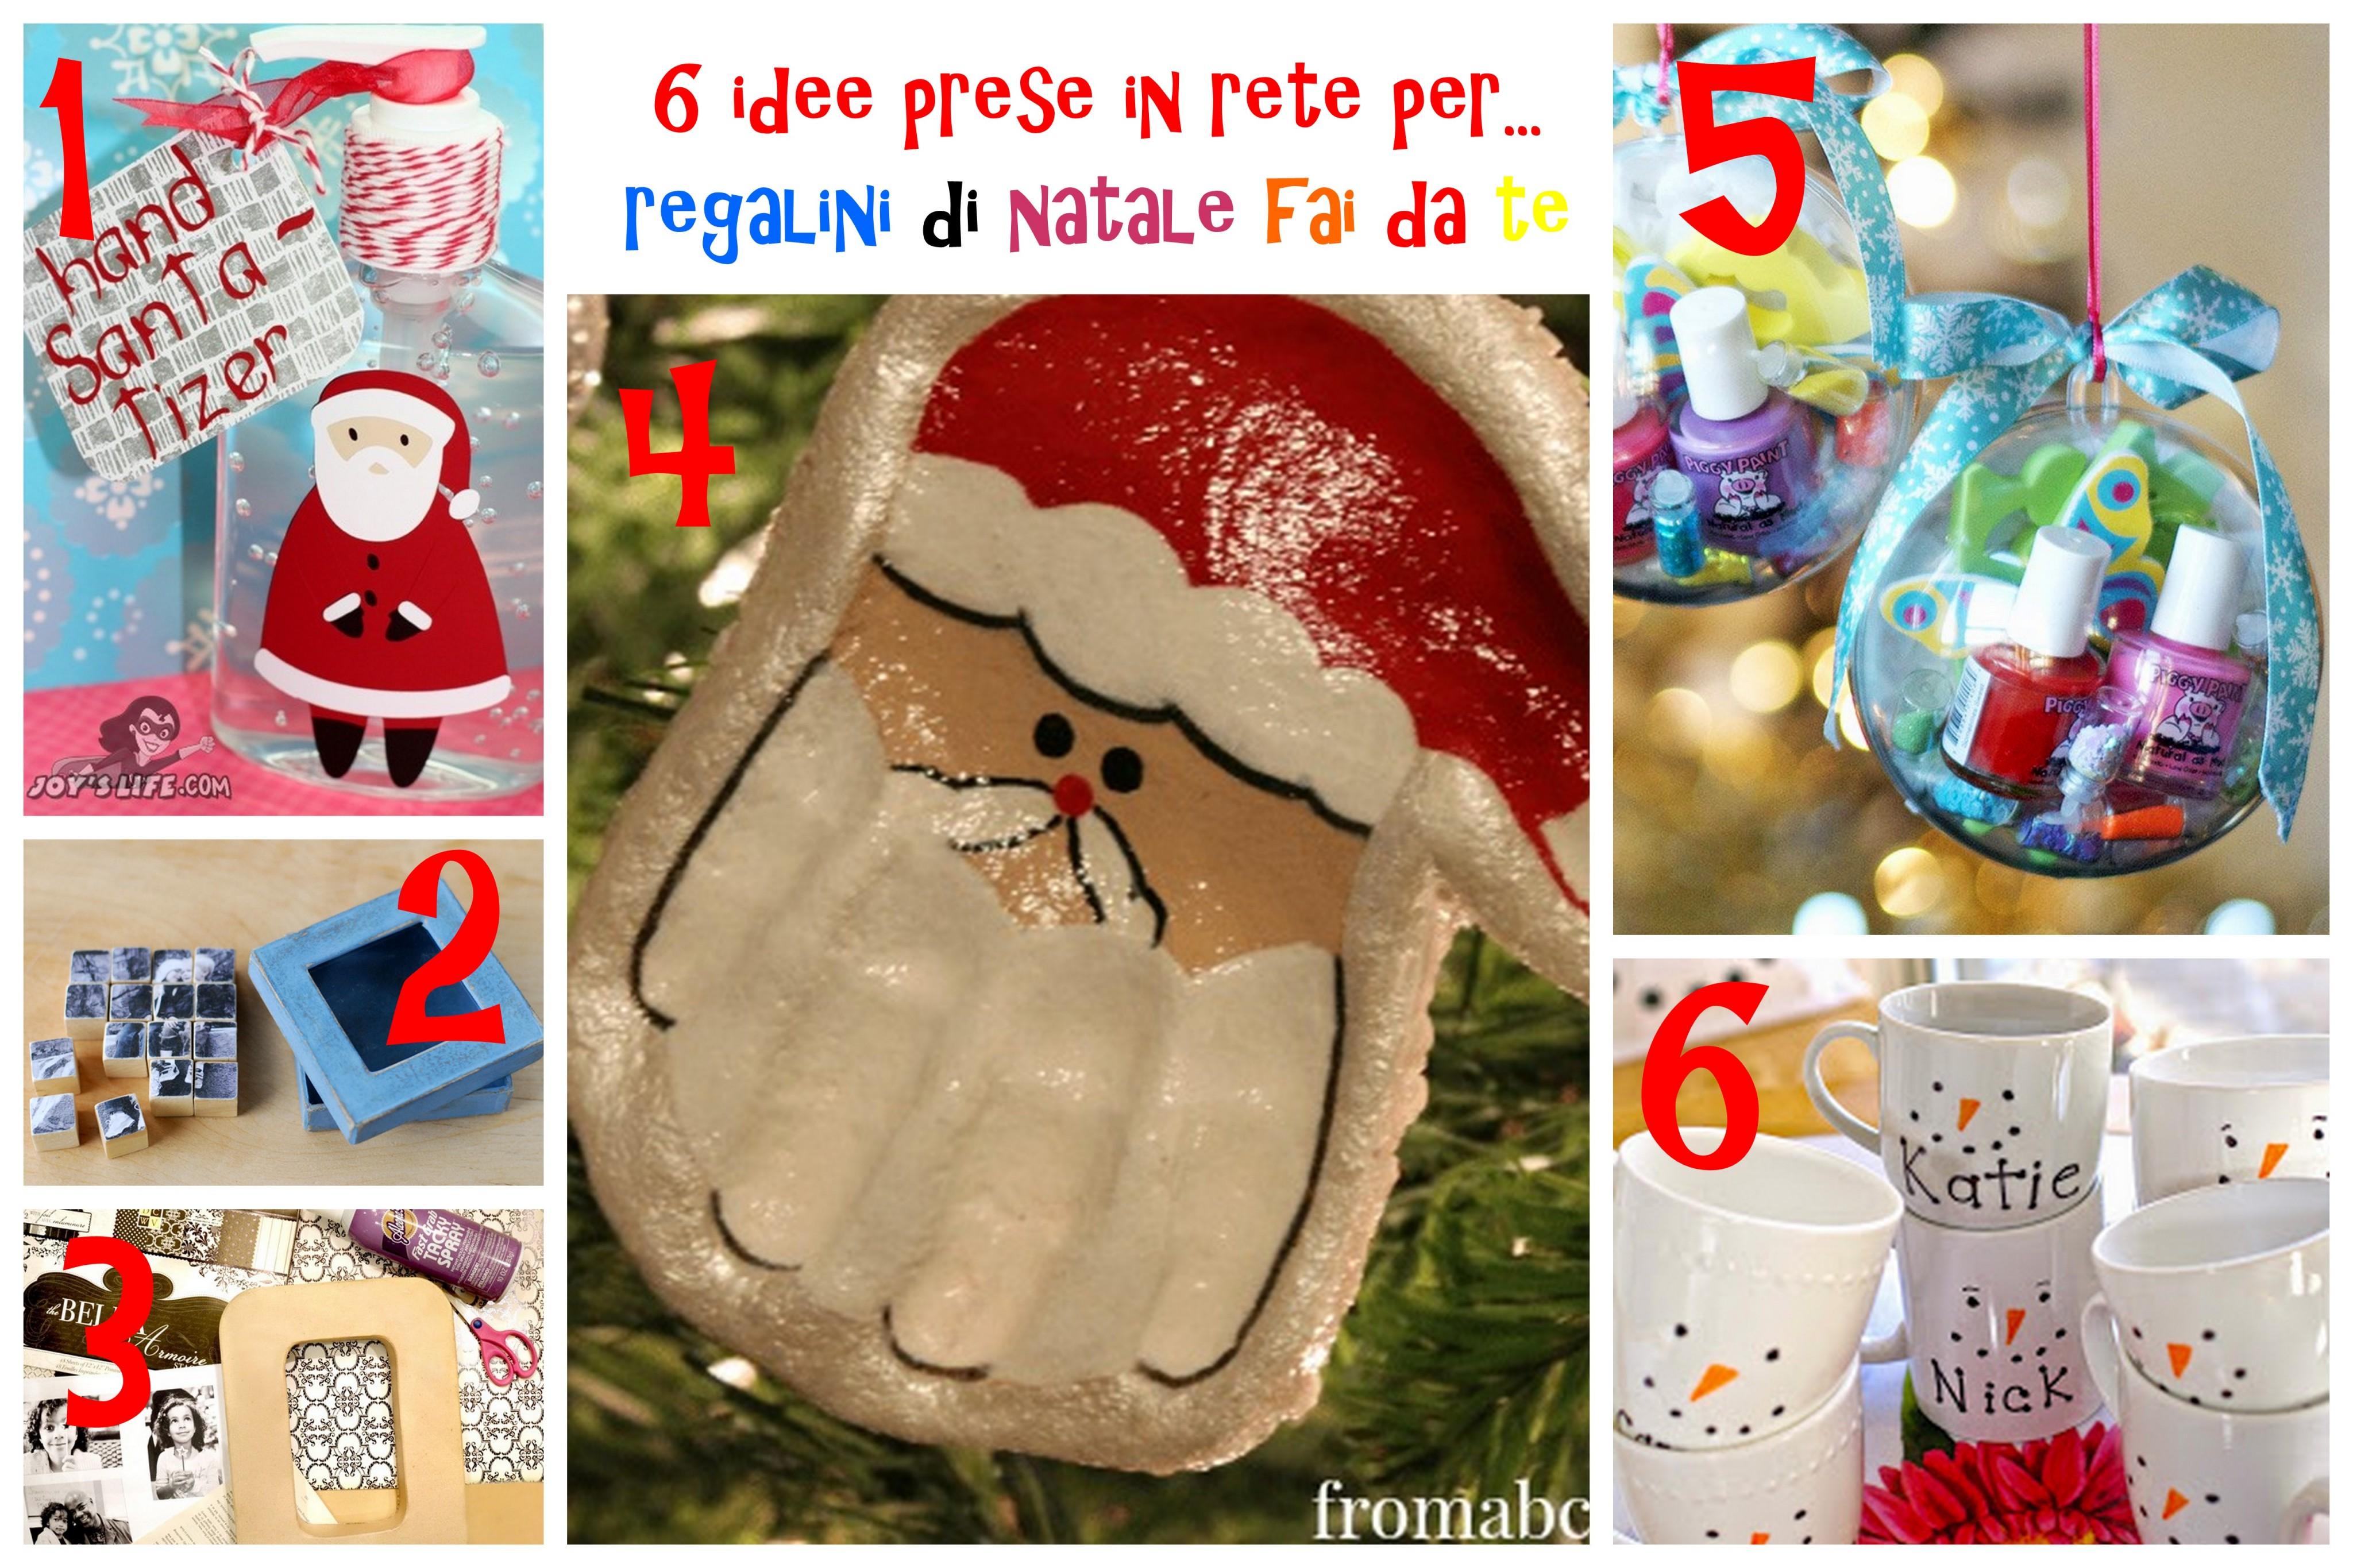 6idee per regali di Natale fai da te